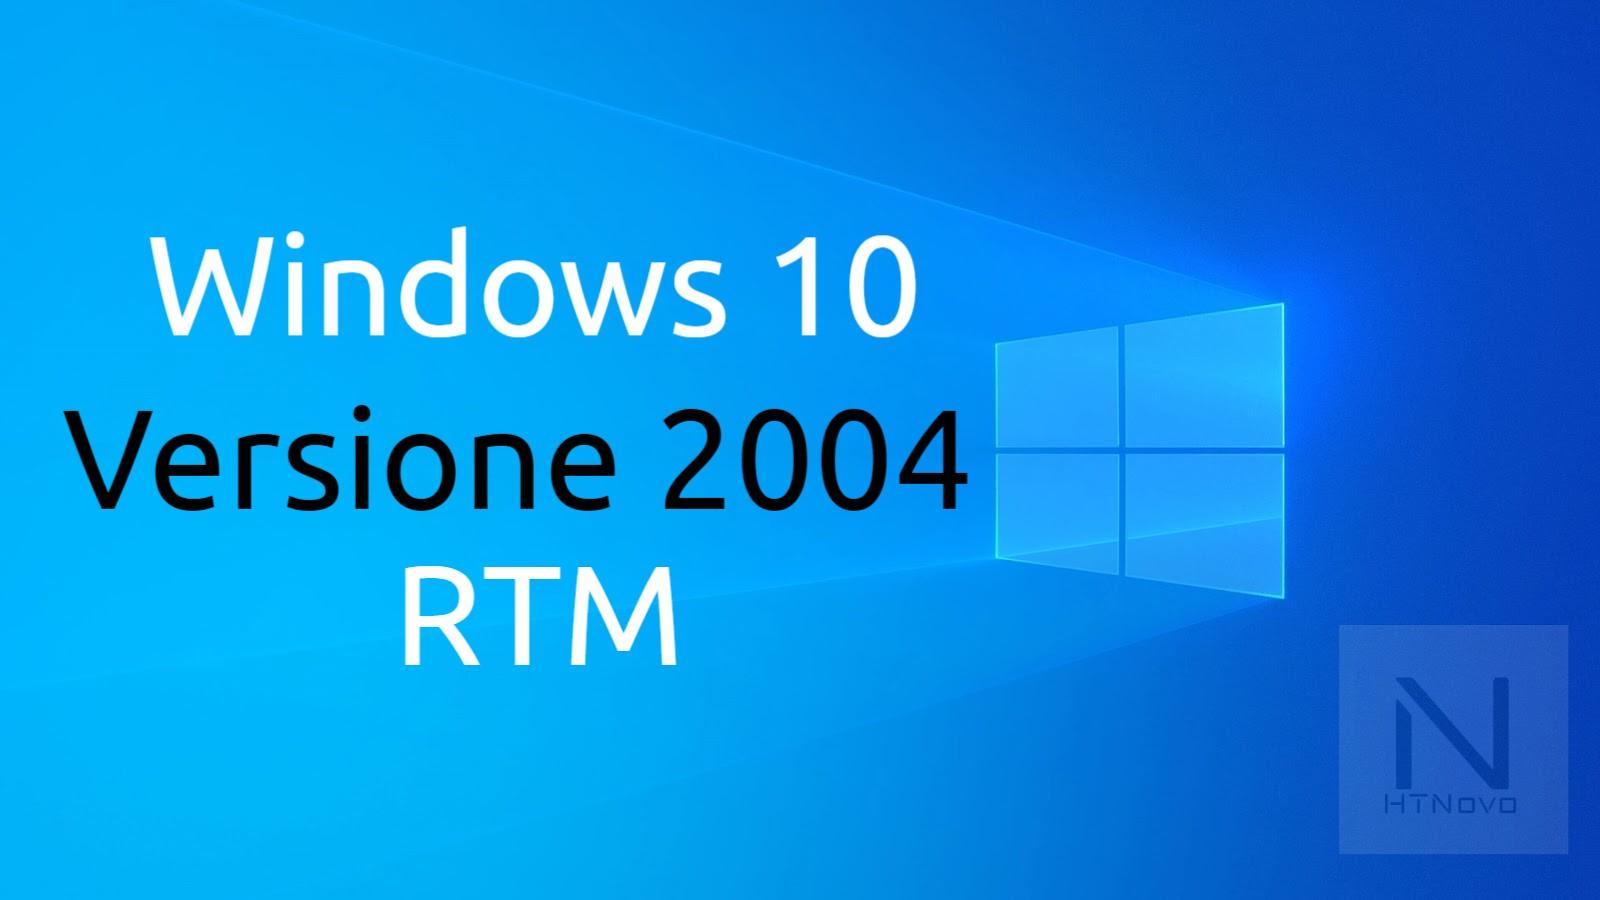 Windows-10-Versione-2004-RTM